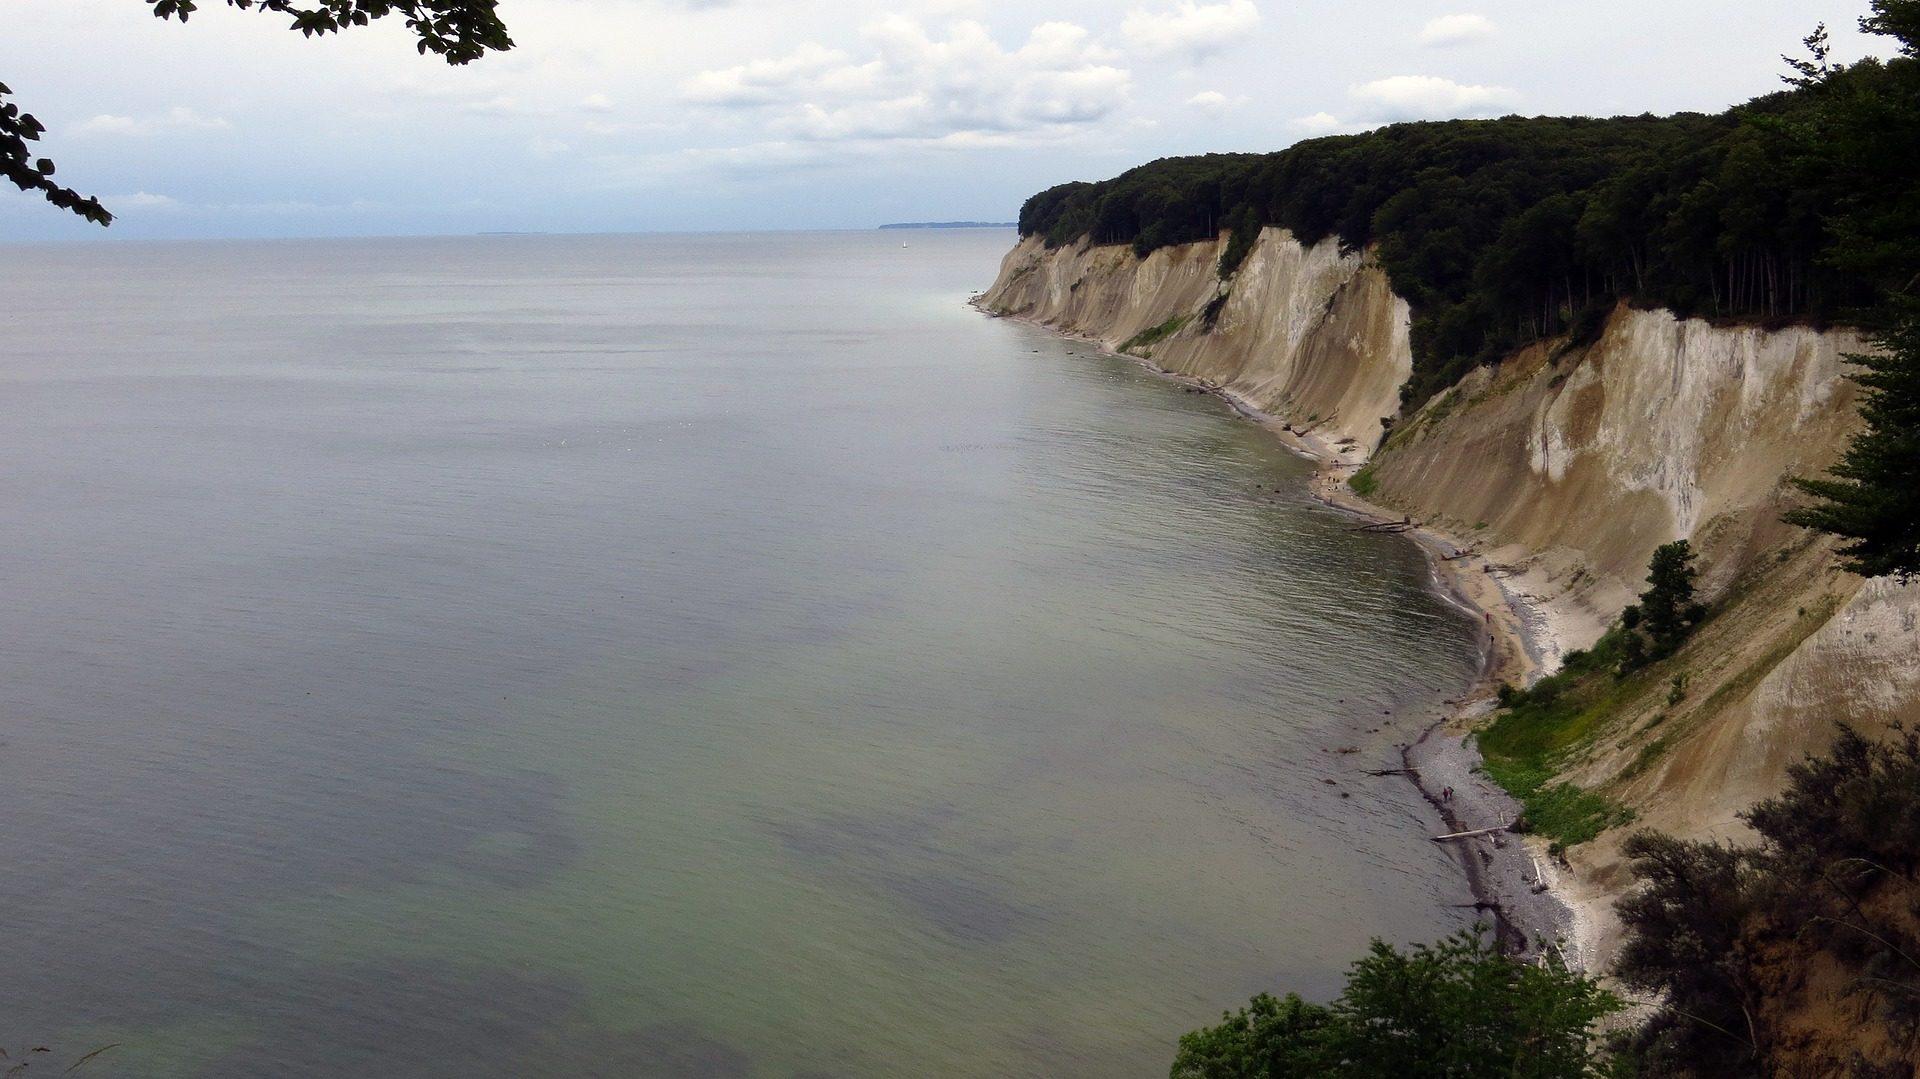 Cliff, Mar, altura, Rugen, Alemanha - Papéis de parede HD - Professor-falken.com